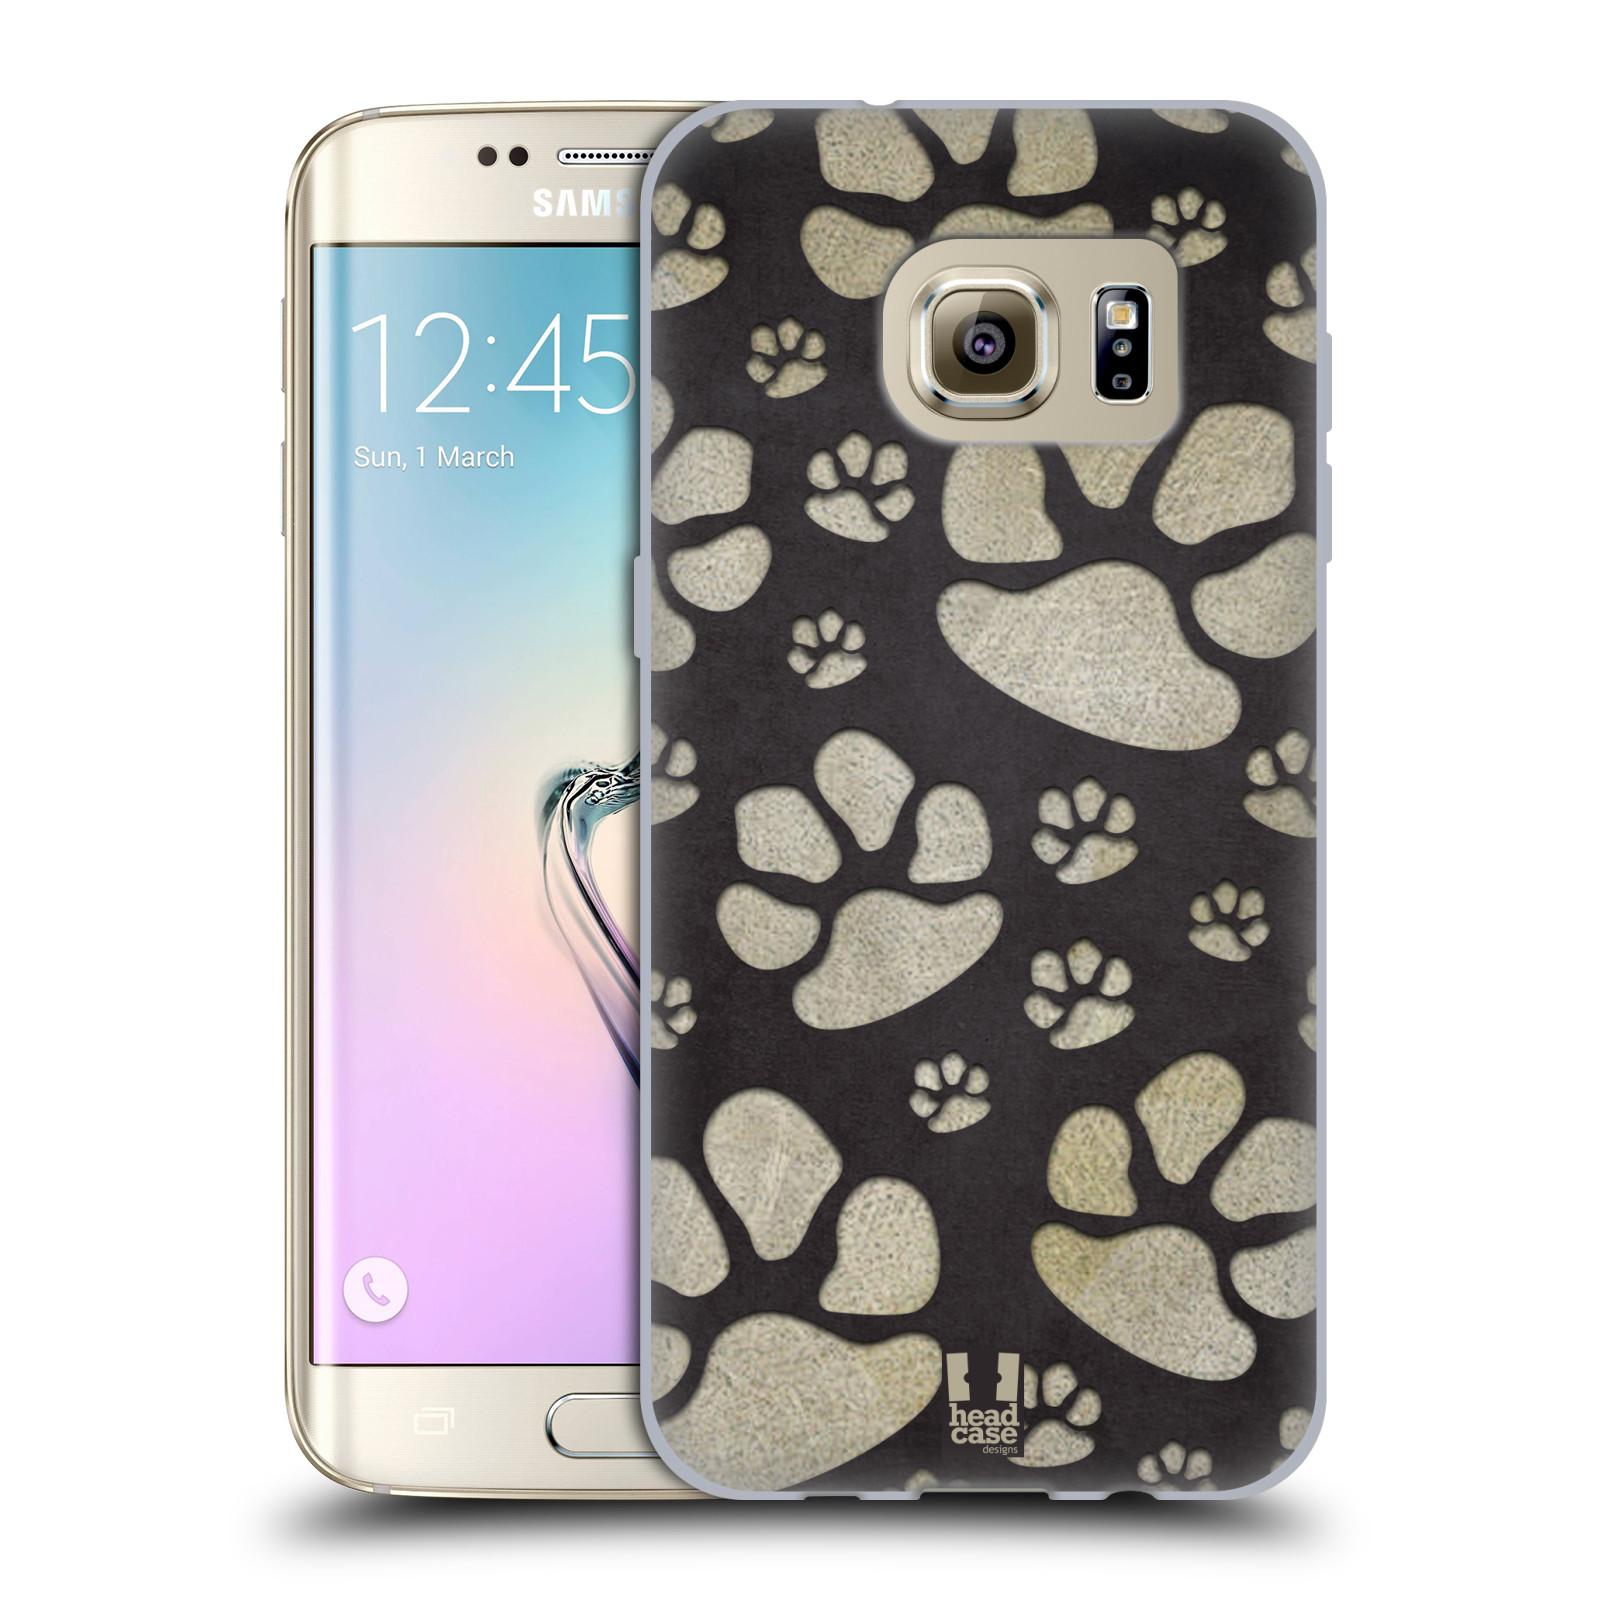 Silikonové pouzdro na mobil Samsung Galaxy S7 Edge HEAD CASE TLAPKY ŠEDÉ (Silikonový kryt či obal na mobilní telefon Samsung Galaxy S7 Edge SM-G935F)